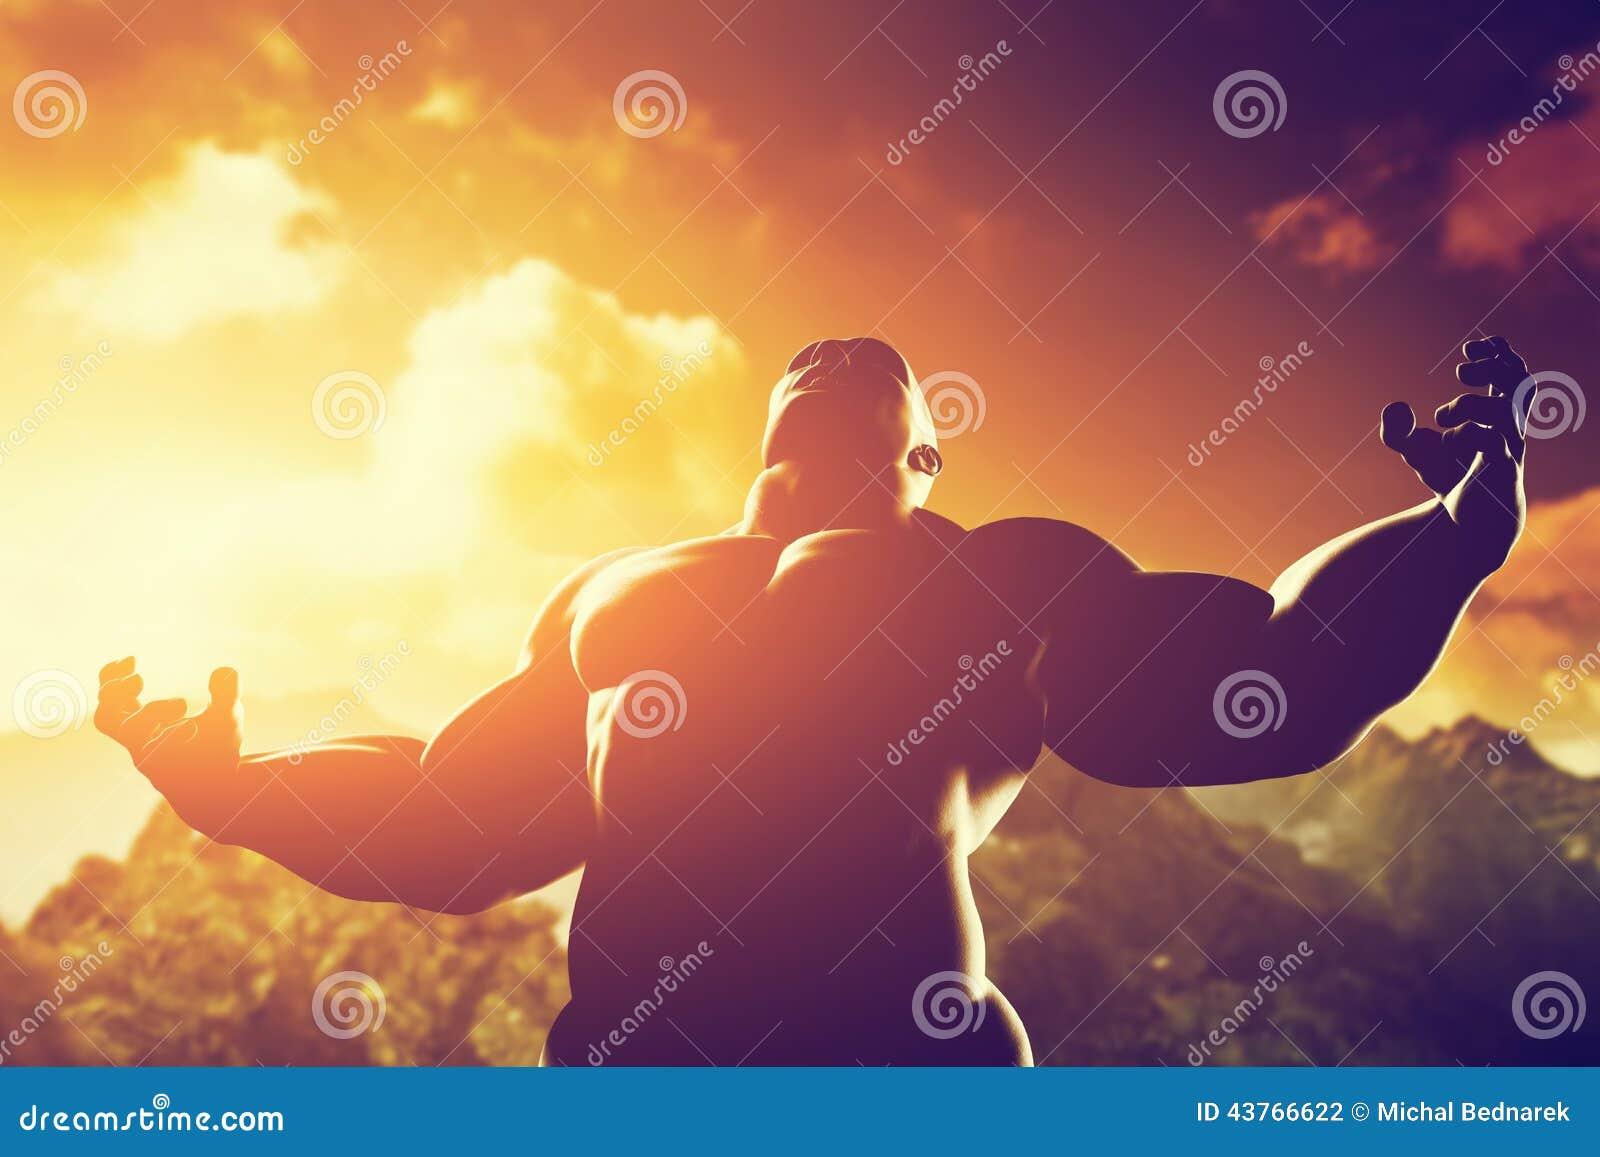 Muskuløs stærk mand med helt, atletisk kropsform, der udtrykker sin kraft og styrke-4599